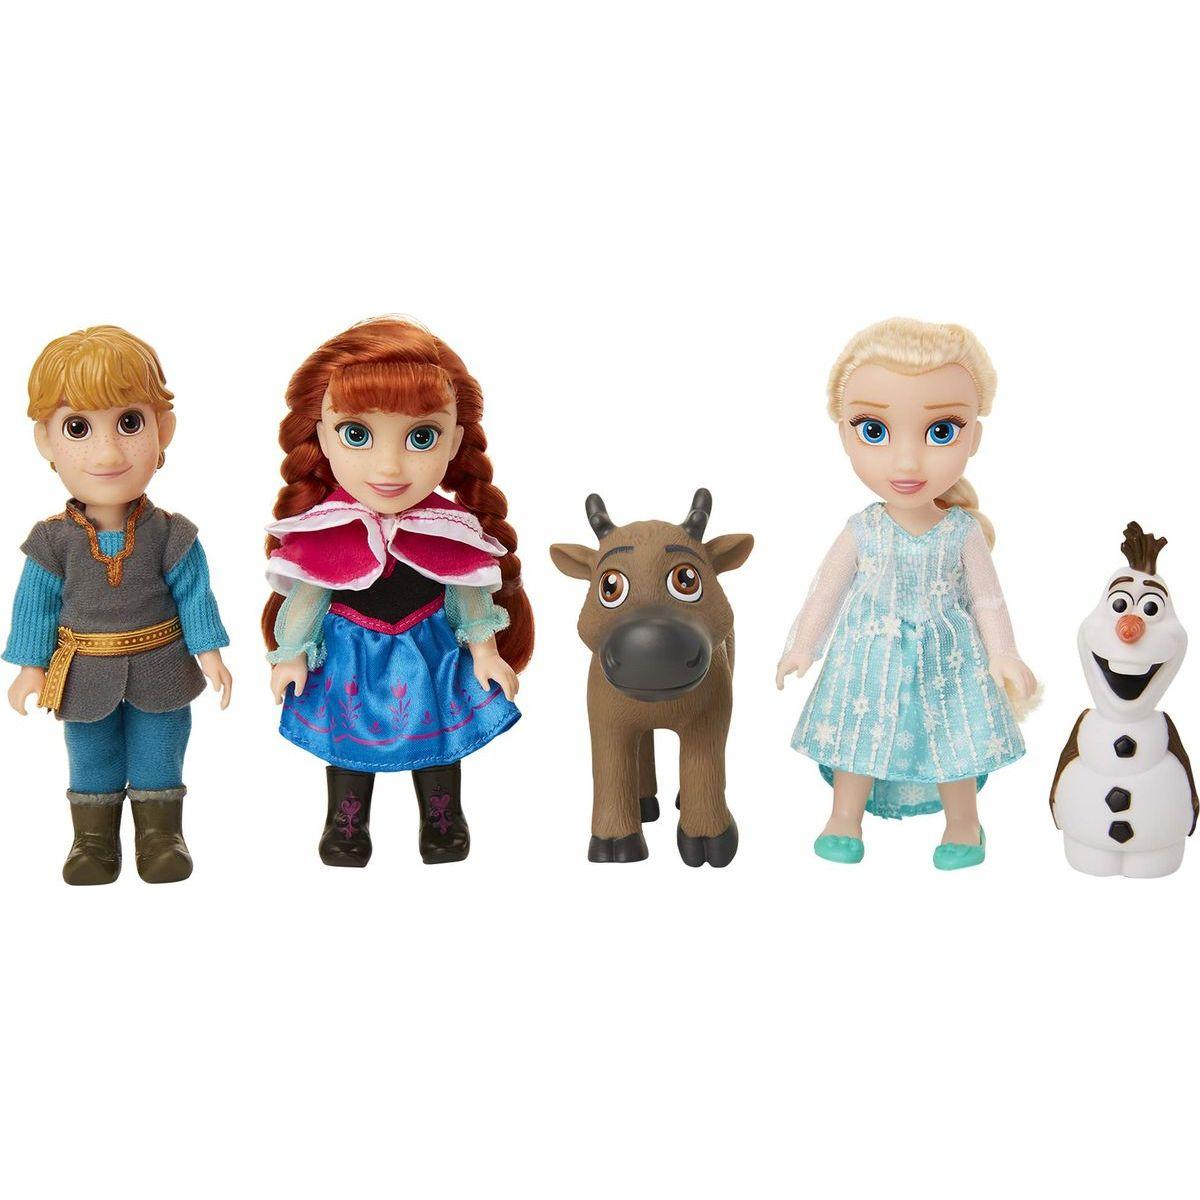 Ľadové kráľovstvo II Veľký set s figúrkami Anna, Elsa, Olaf, Kristof 15 cm